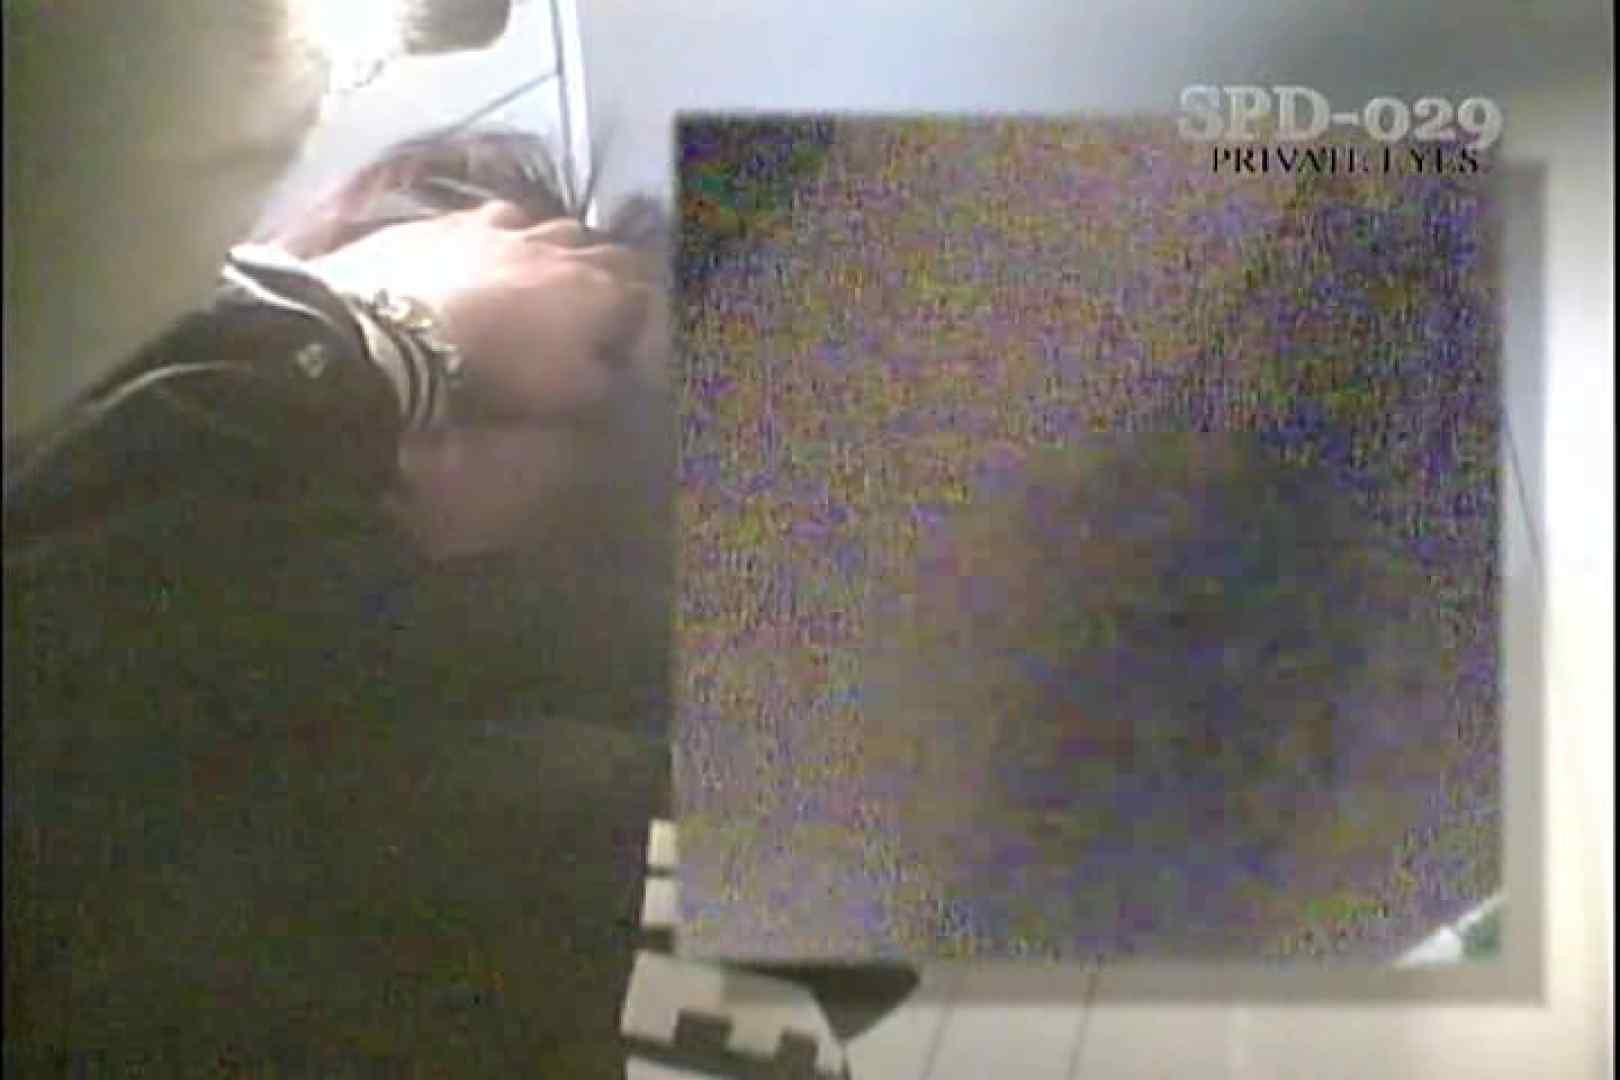 高画質版!SPD-029 和式厠 モリモリスペシャル 高画質 エロ無料画像 88連発 53